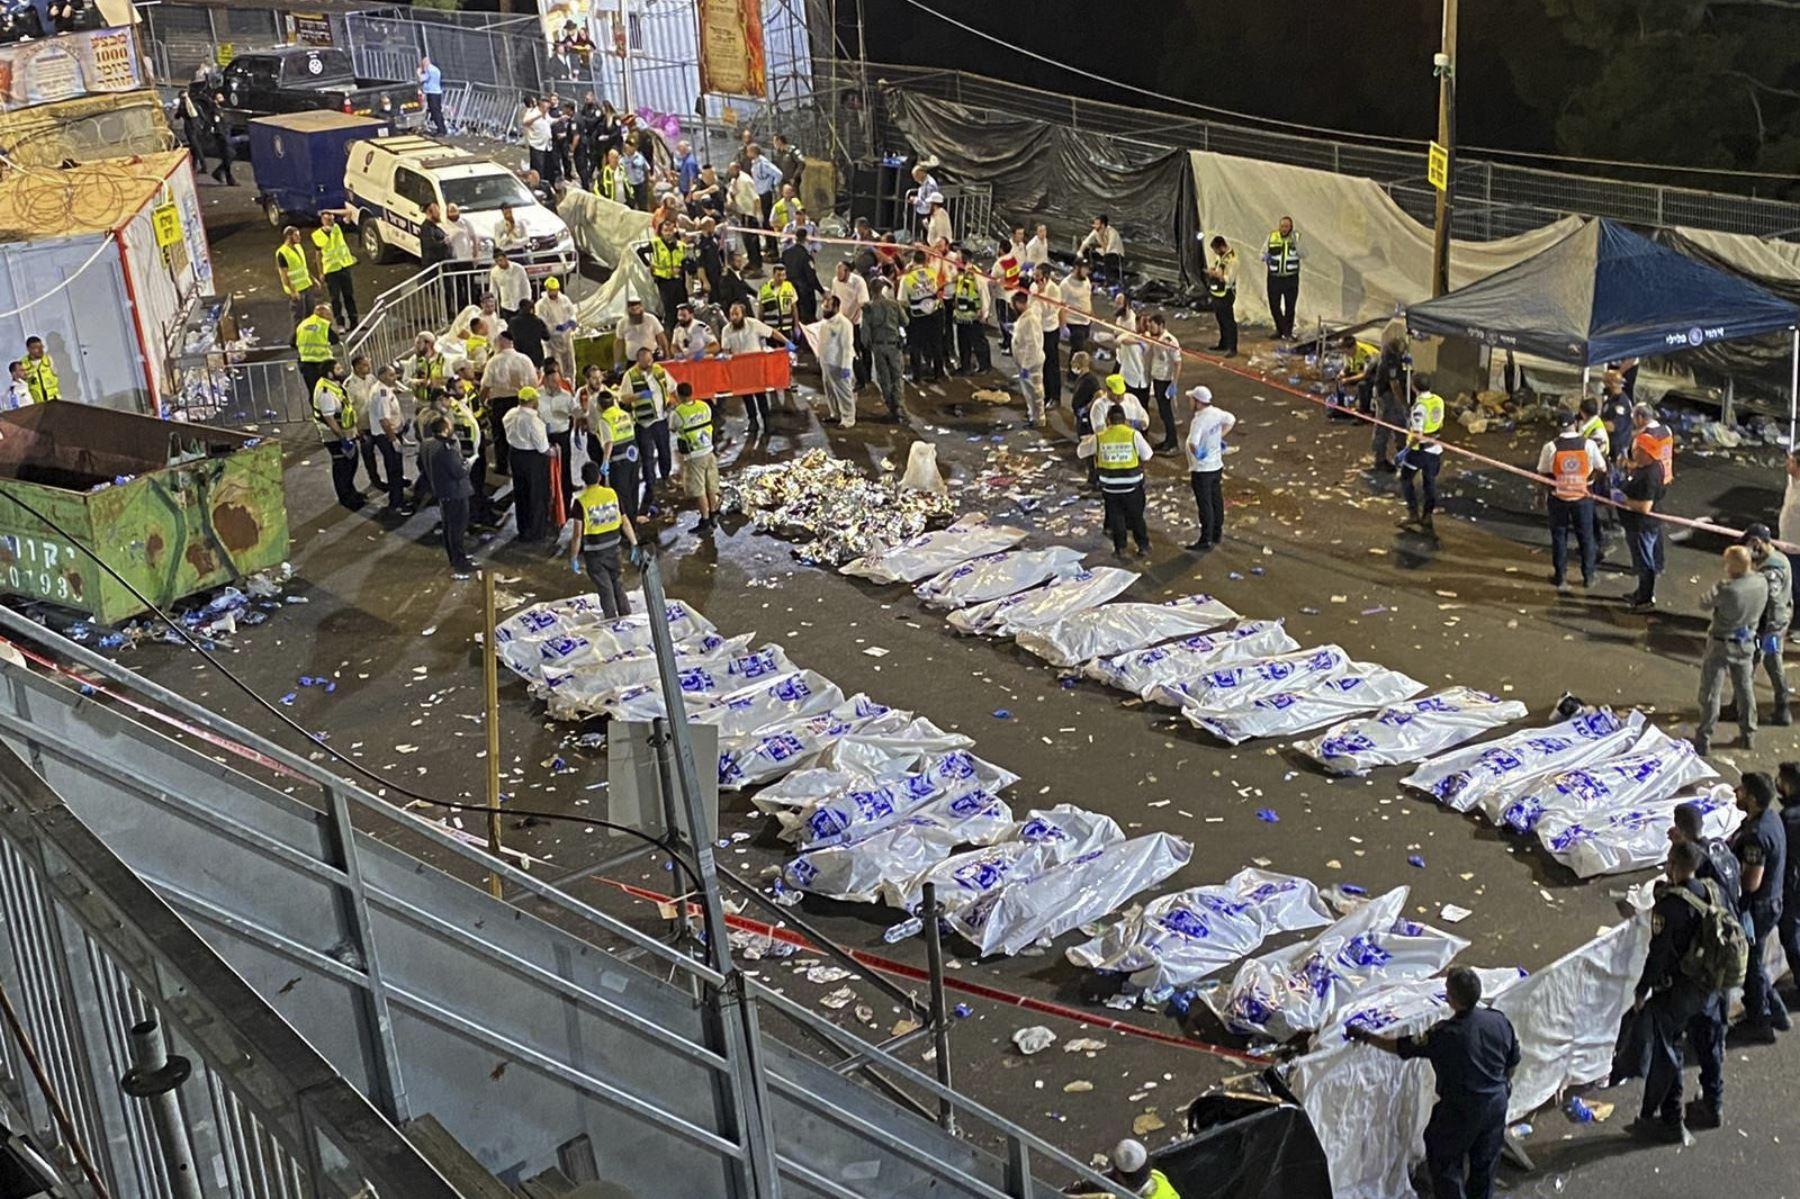 """Muchas personas murieron aplastadas, incluido los niños"""", añadió y muchas de las víctimas aún no han sido identificadas. Foto: AFP"""